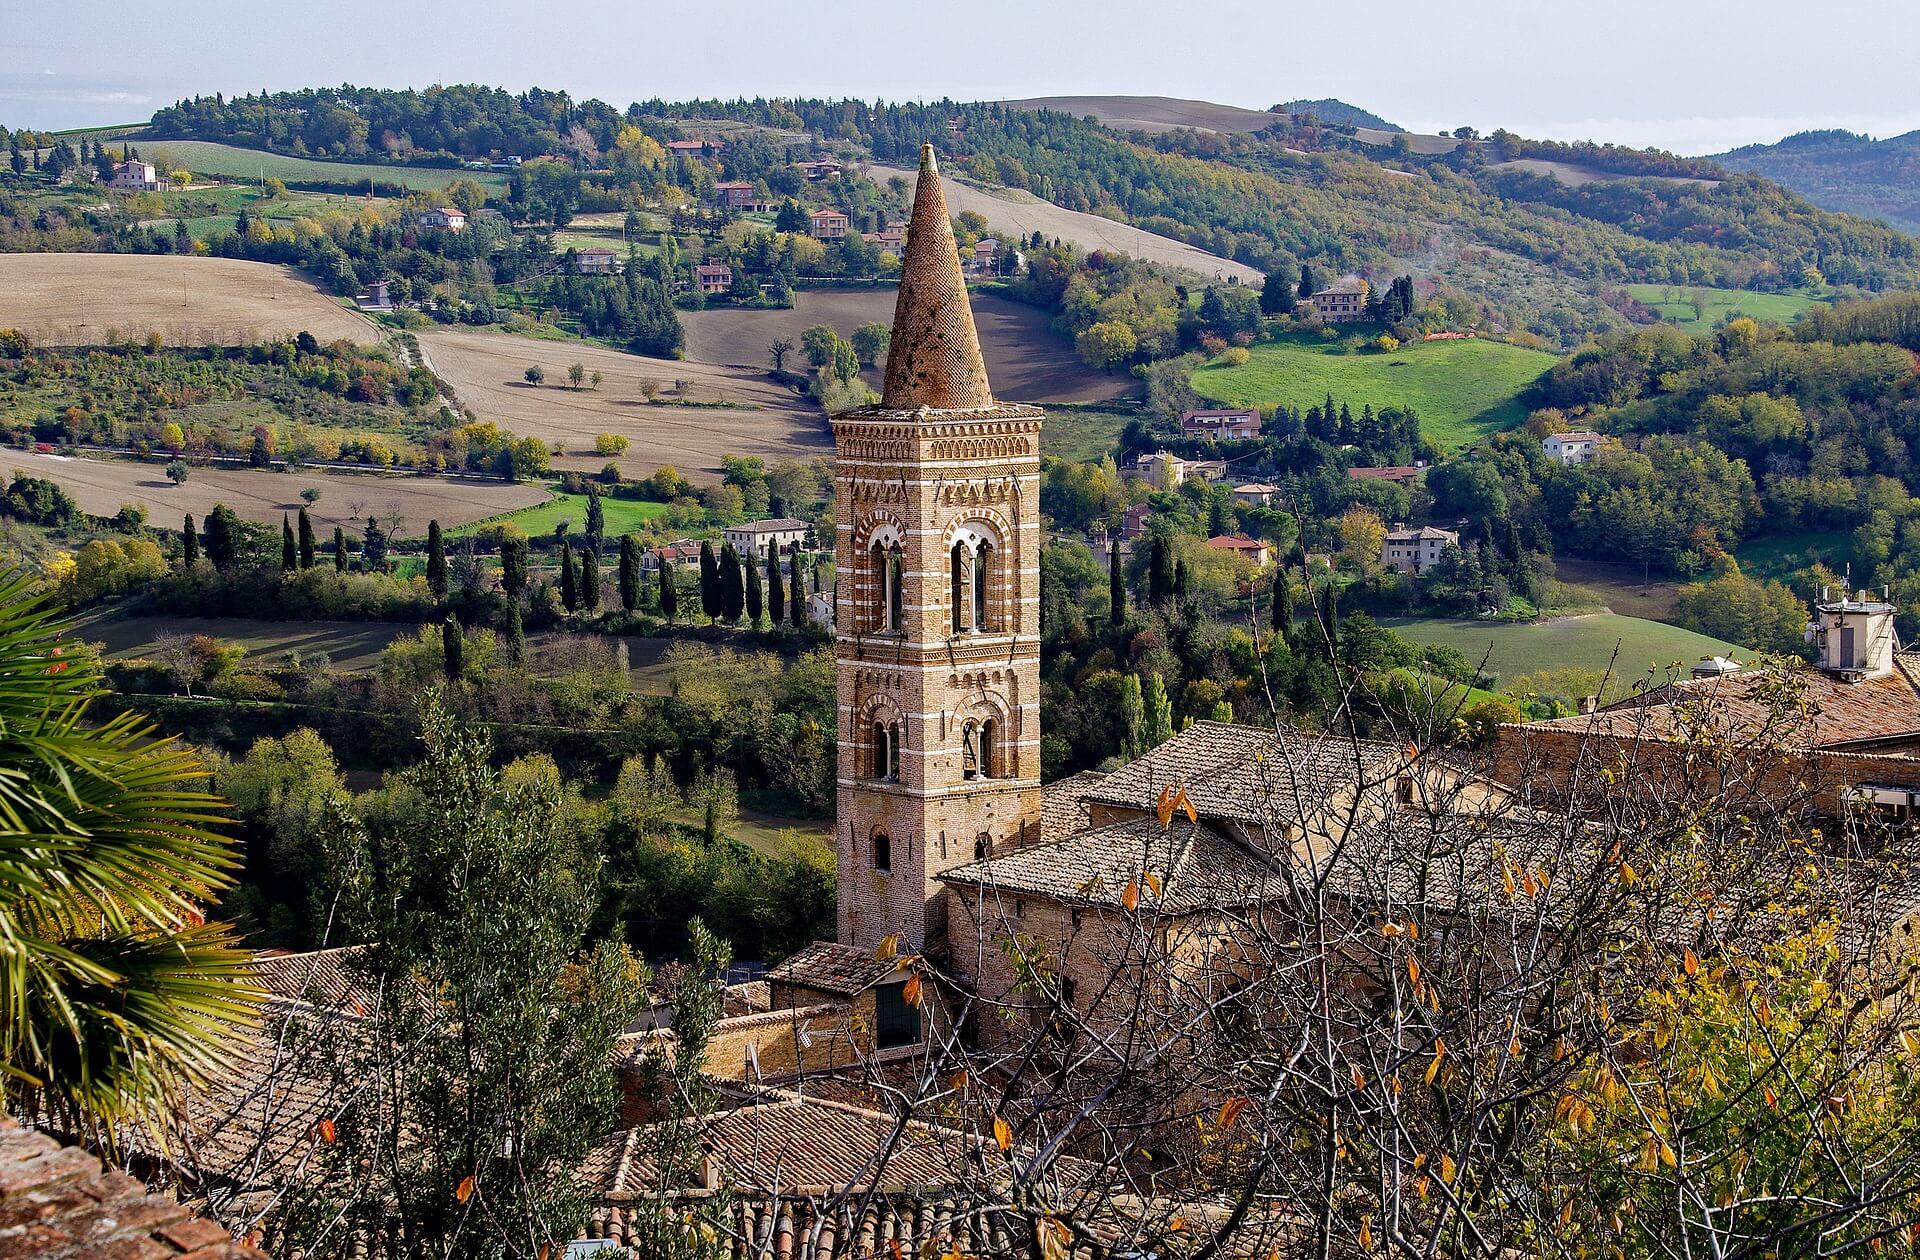 Agevolazione Per Le Imprese Culturali Creative E Del Turismo Della Regione Marche